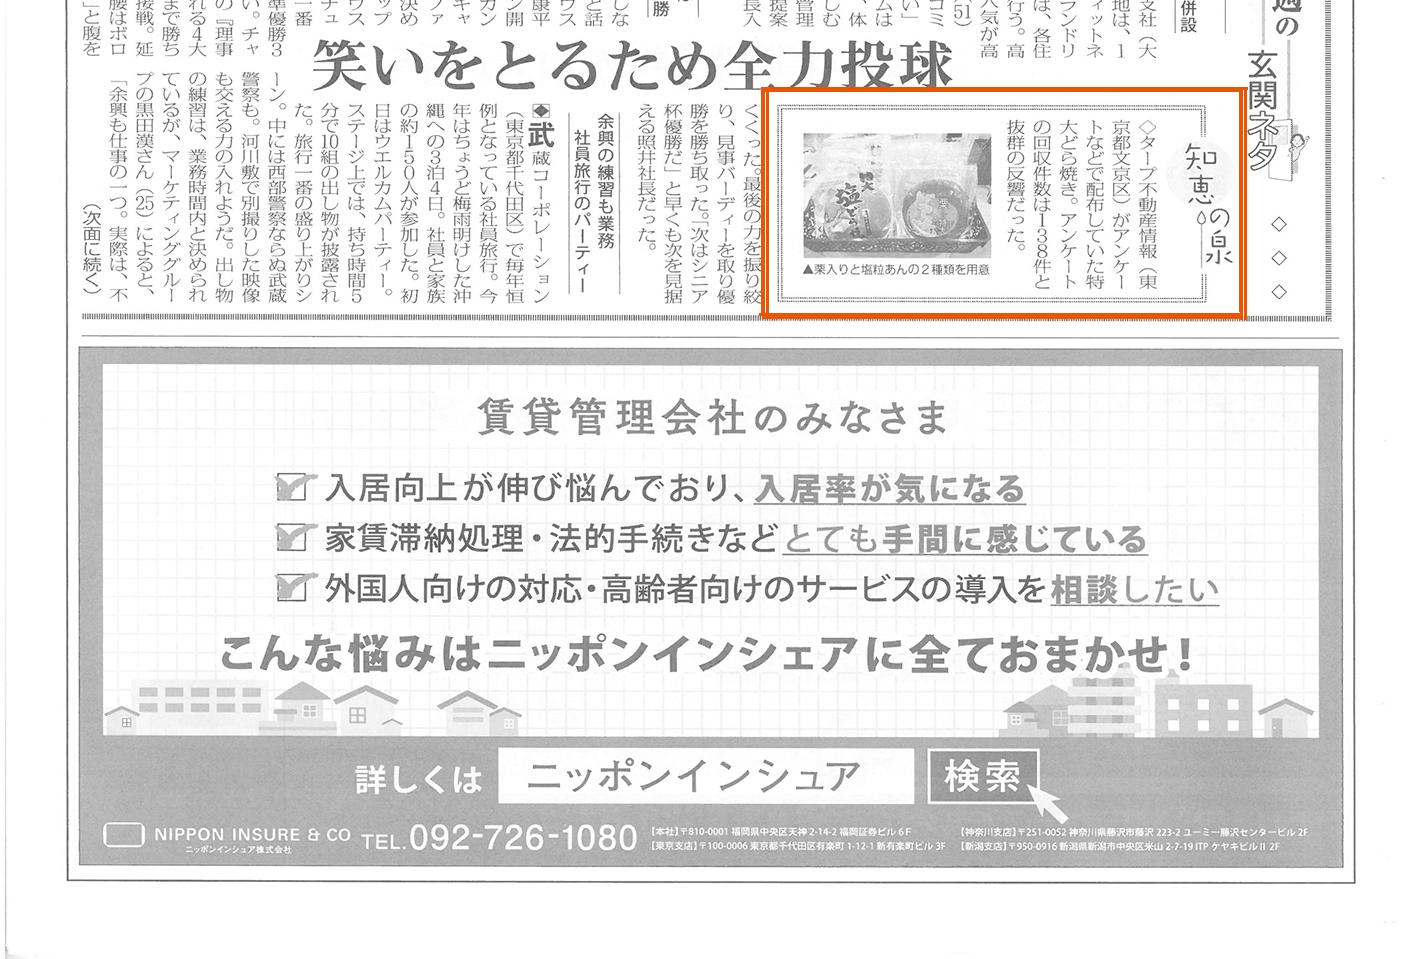 ニッポン イン シュア